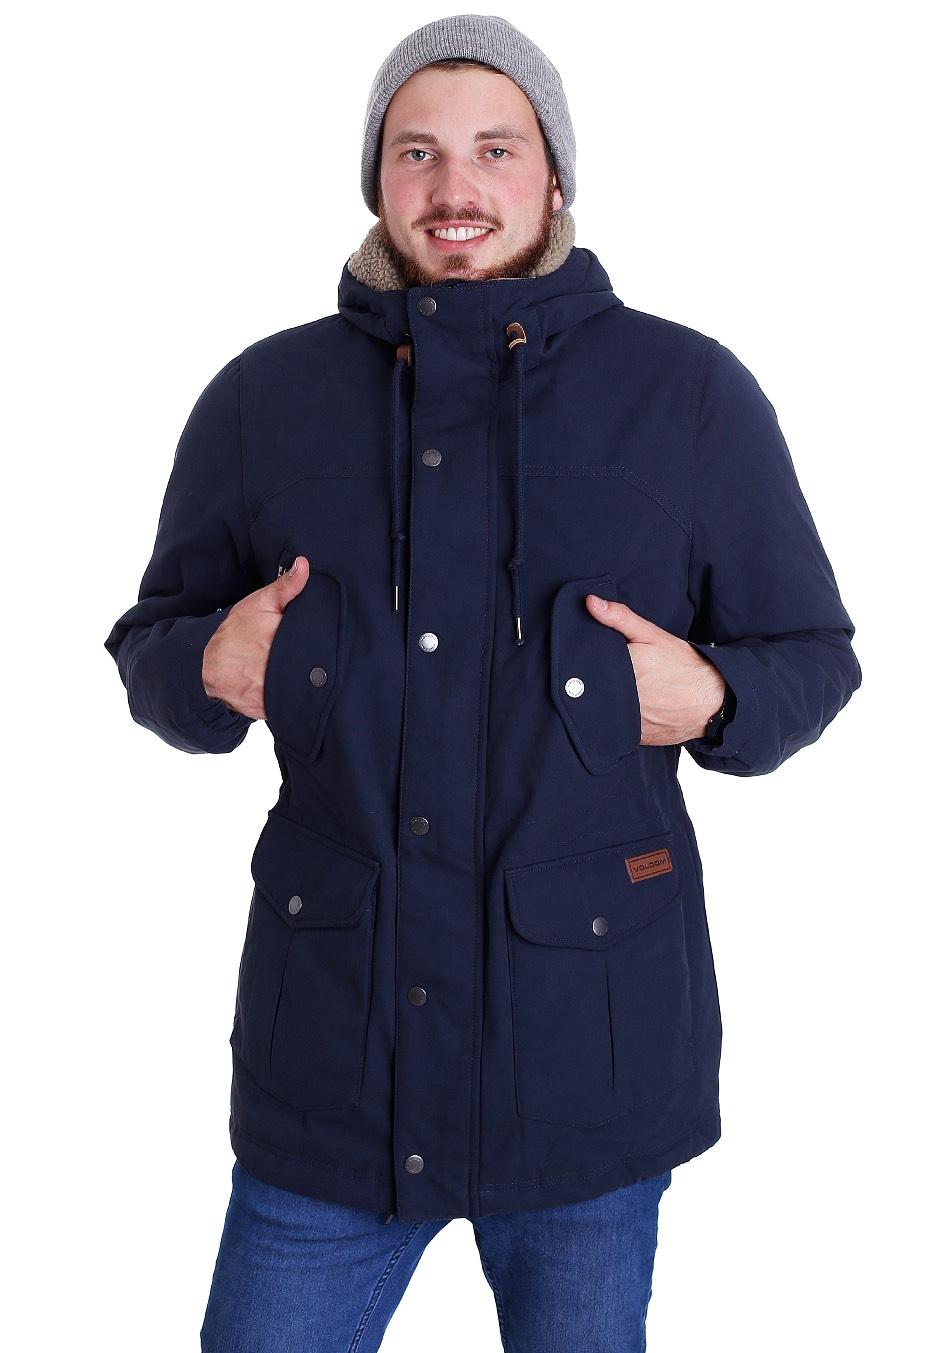 auf Füßen Aufnahmen von Für Original auswählen attraktiv und langlebig Volcom - Starget Parka Update Navy - Jacket